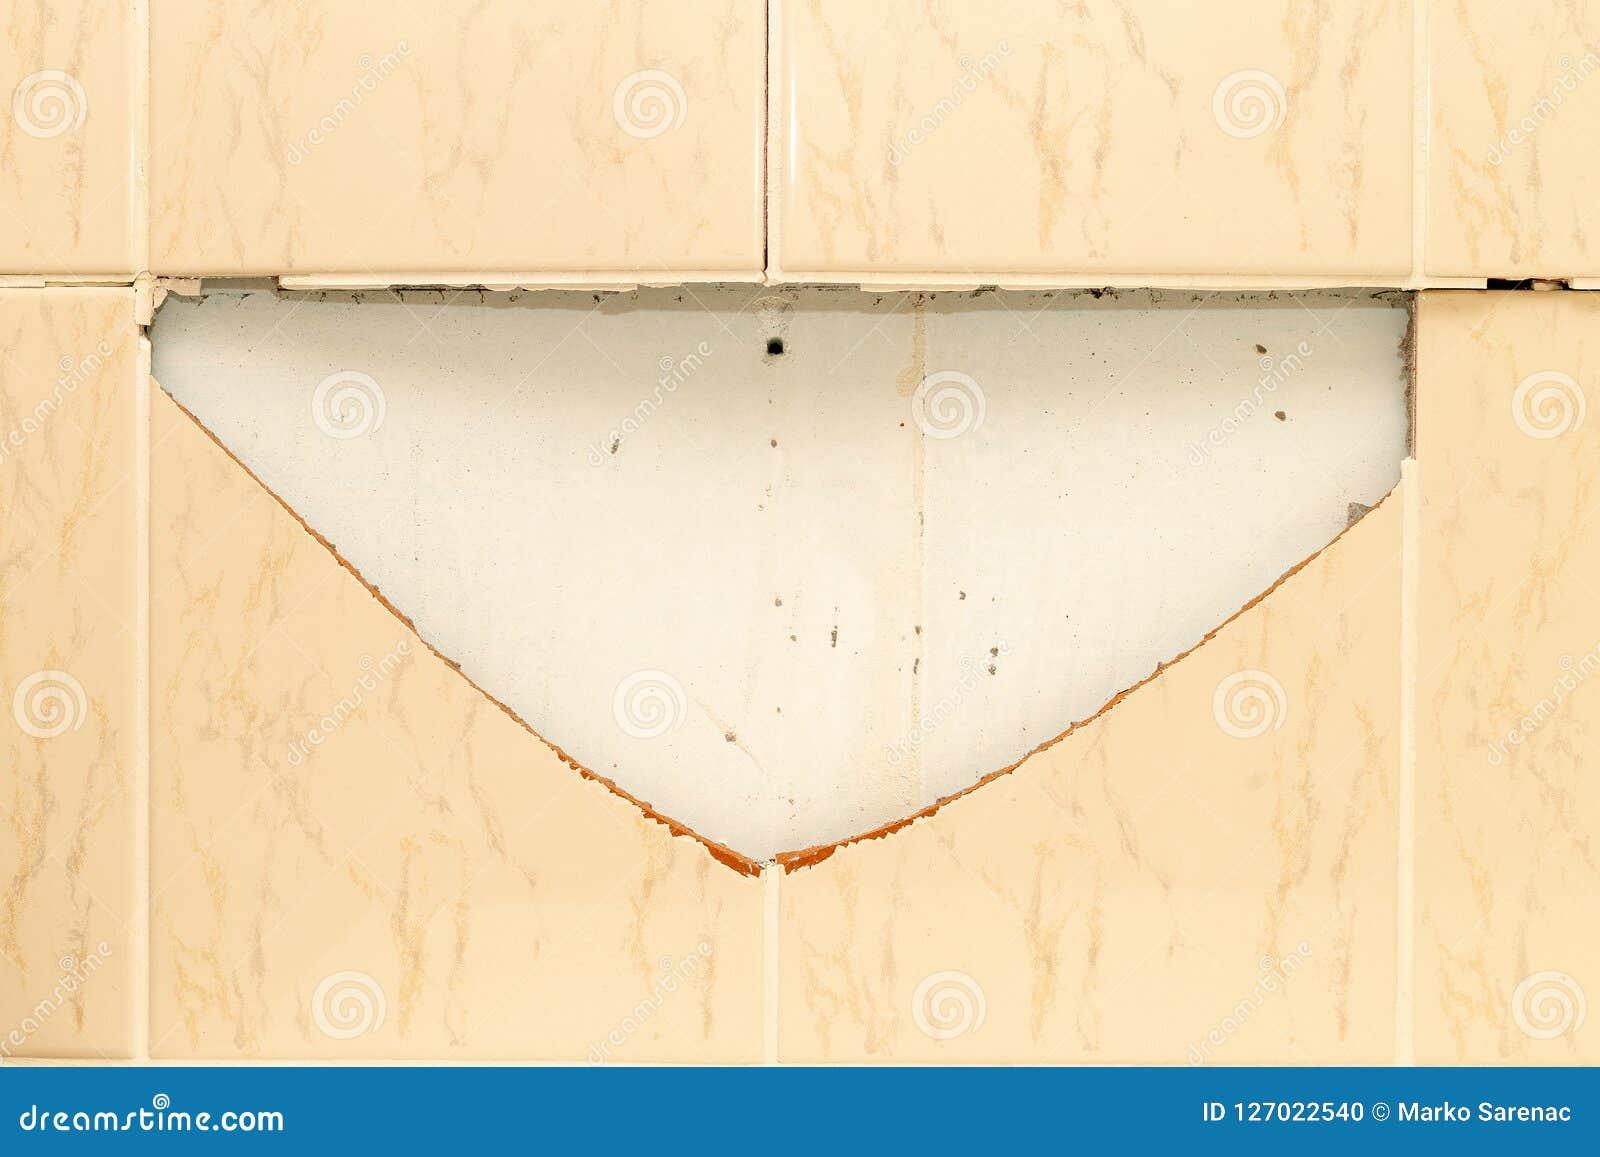 Unterbrochene Fliesen Badezimmer Wand Schädigende 4 ...